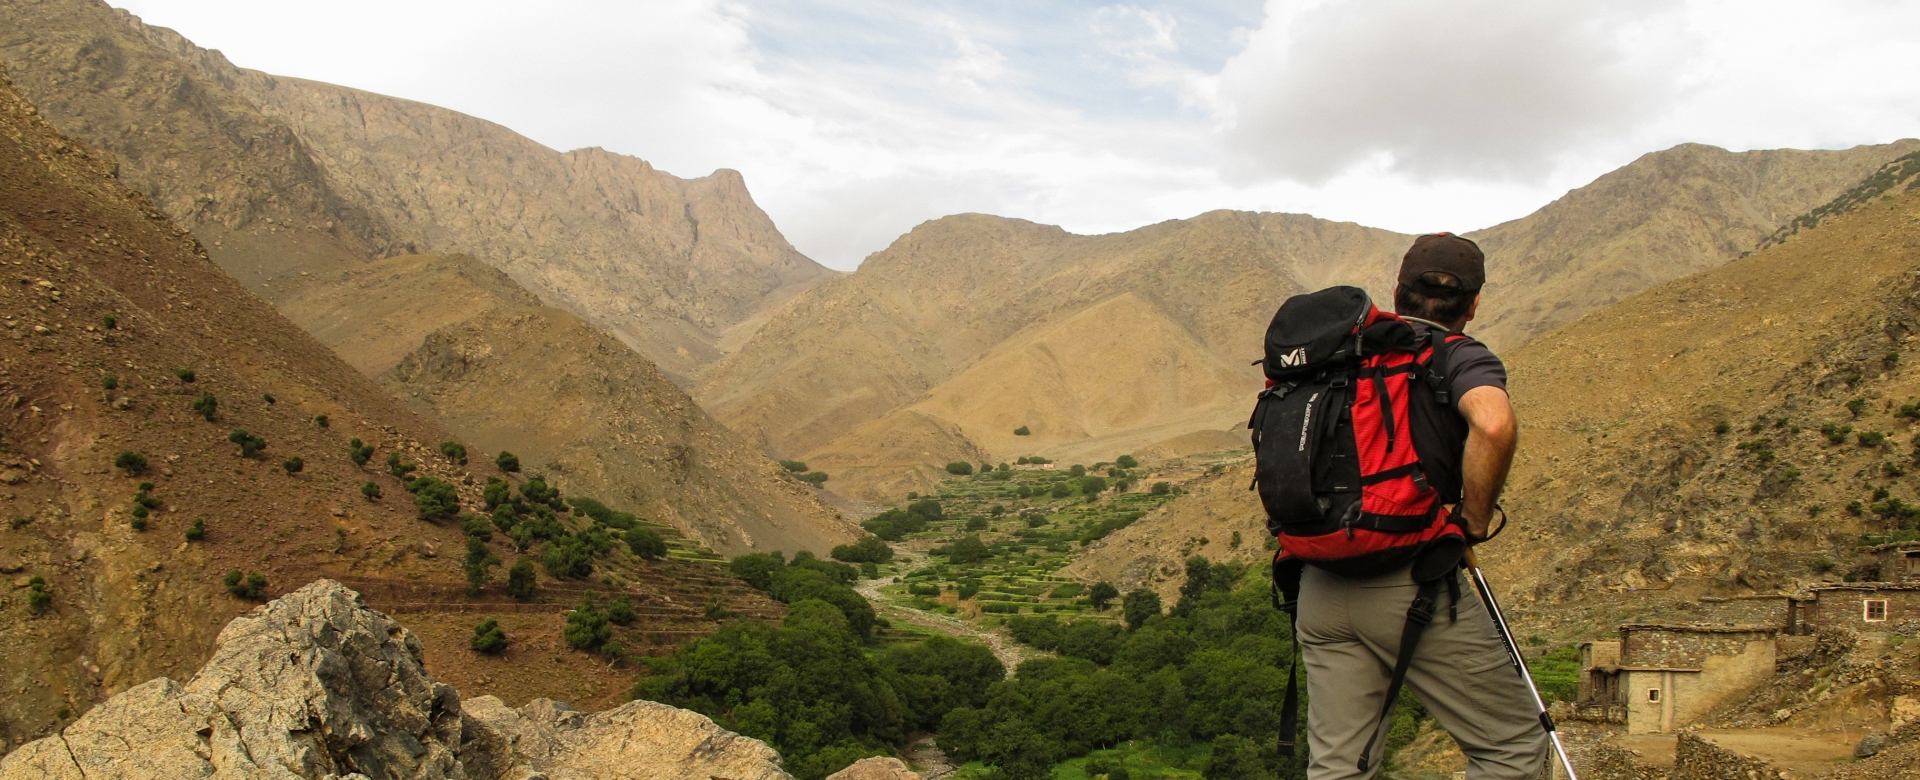 Voyage à pied : Maroc : La haute route du toubkal